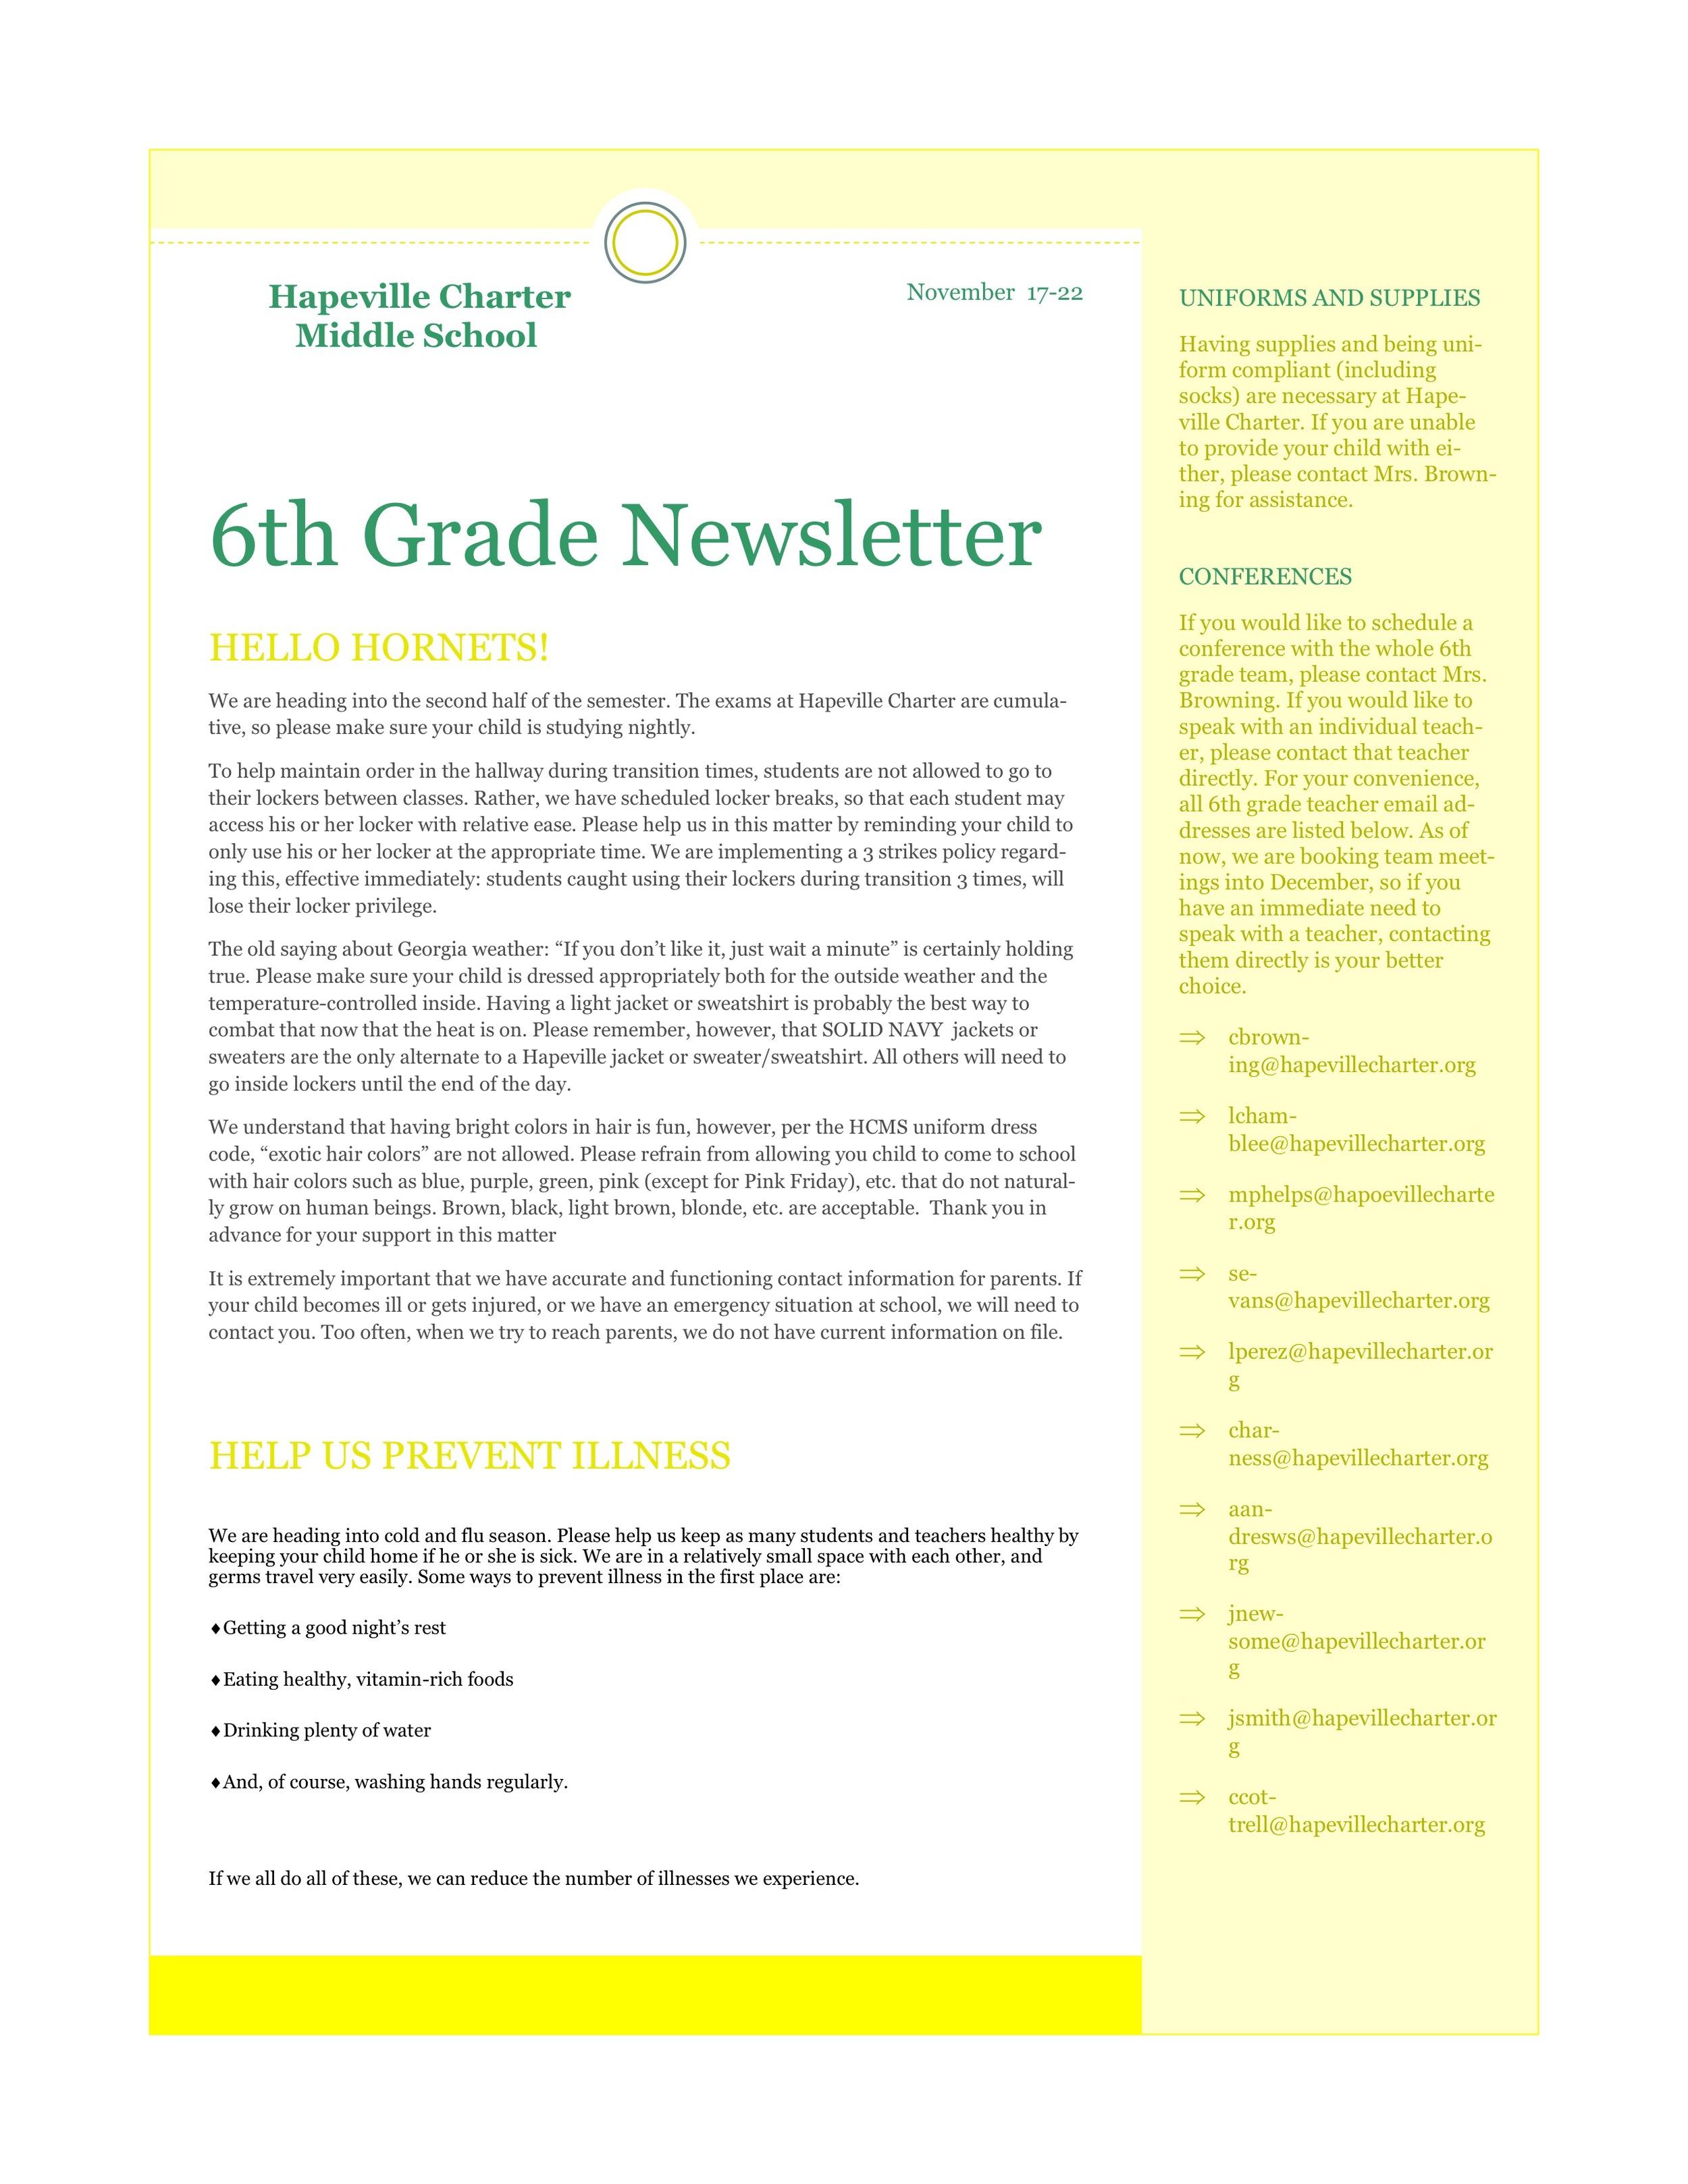 Newsletter ImageNovember 17-22.jpeg